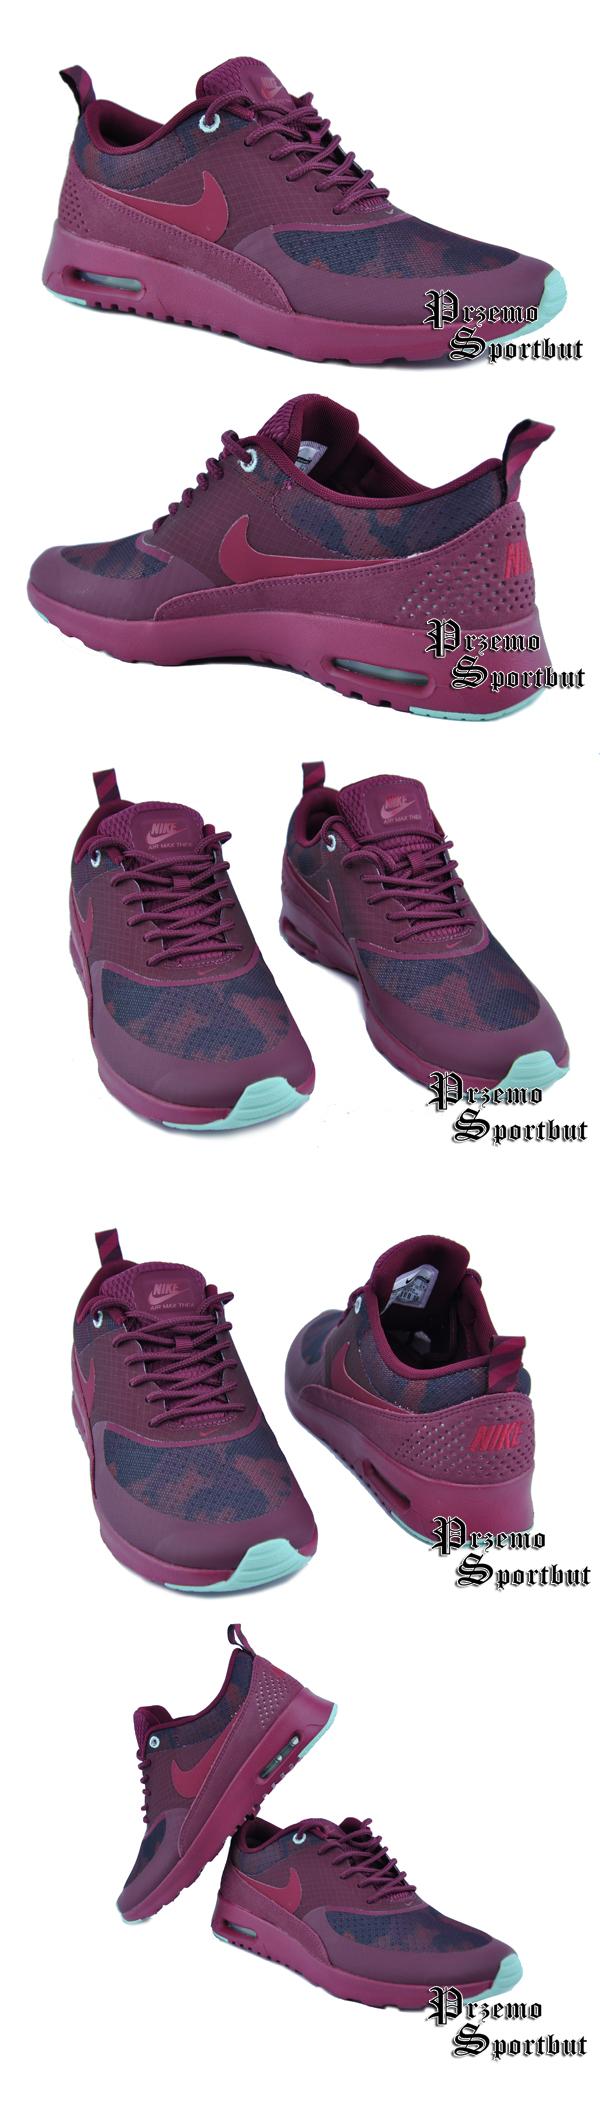 Nike Wmns Air Max Thea Print R 38 I Inne 5178348081 Oficjalne Archiwum Allegro Air Max Thea Air Max Nike